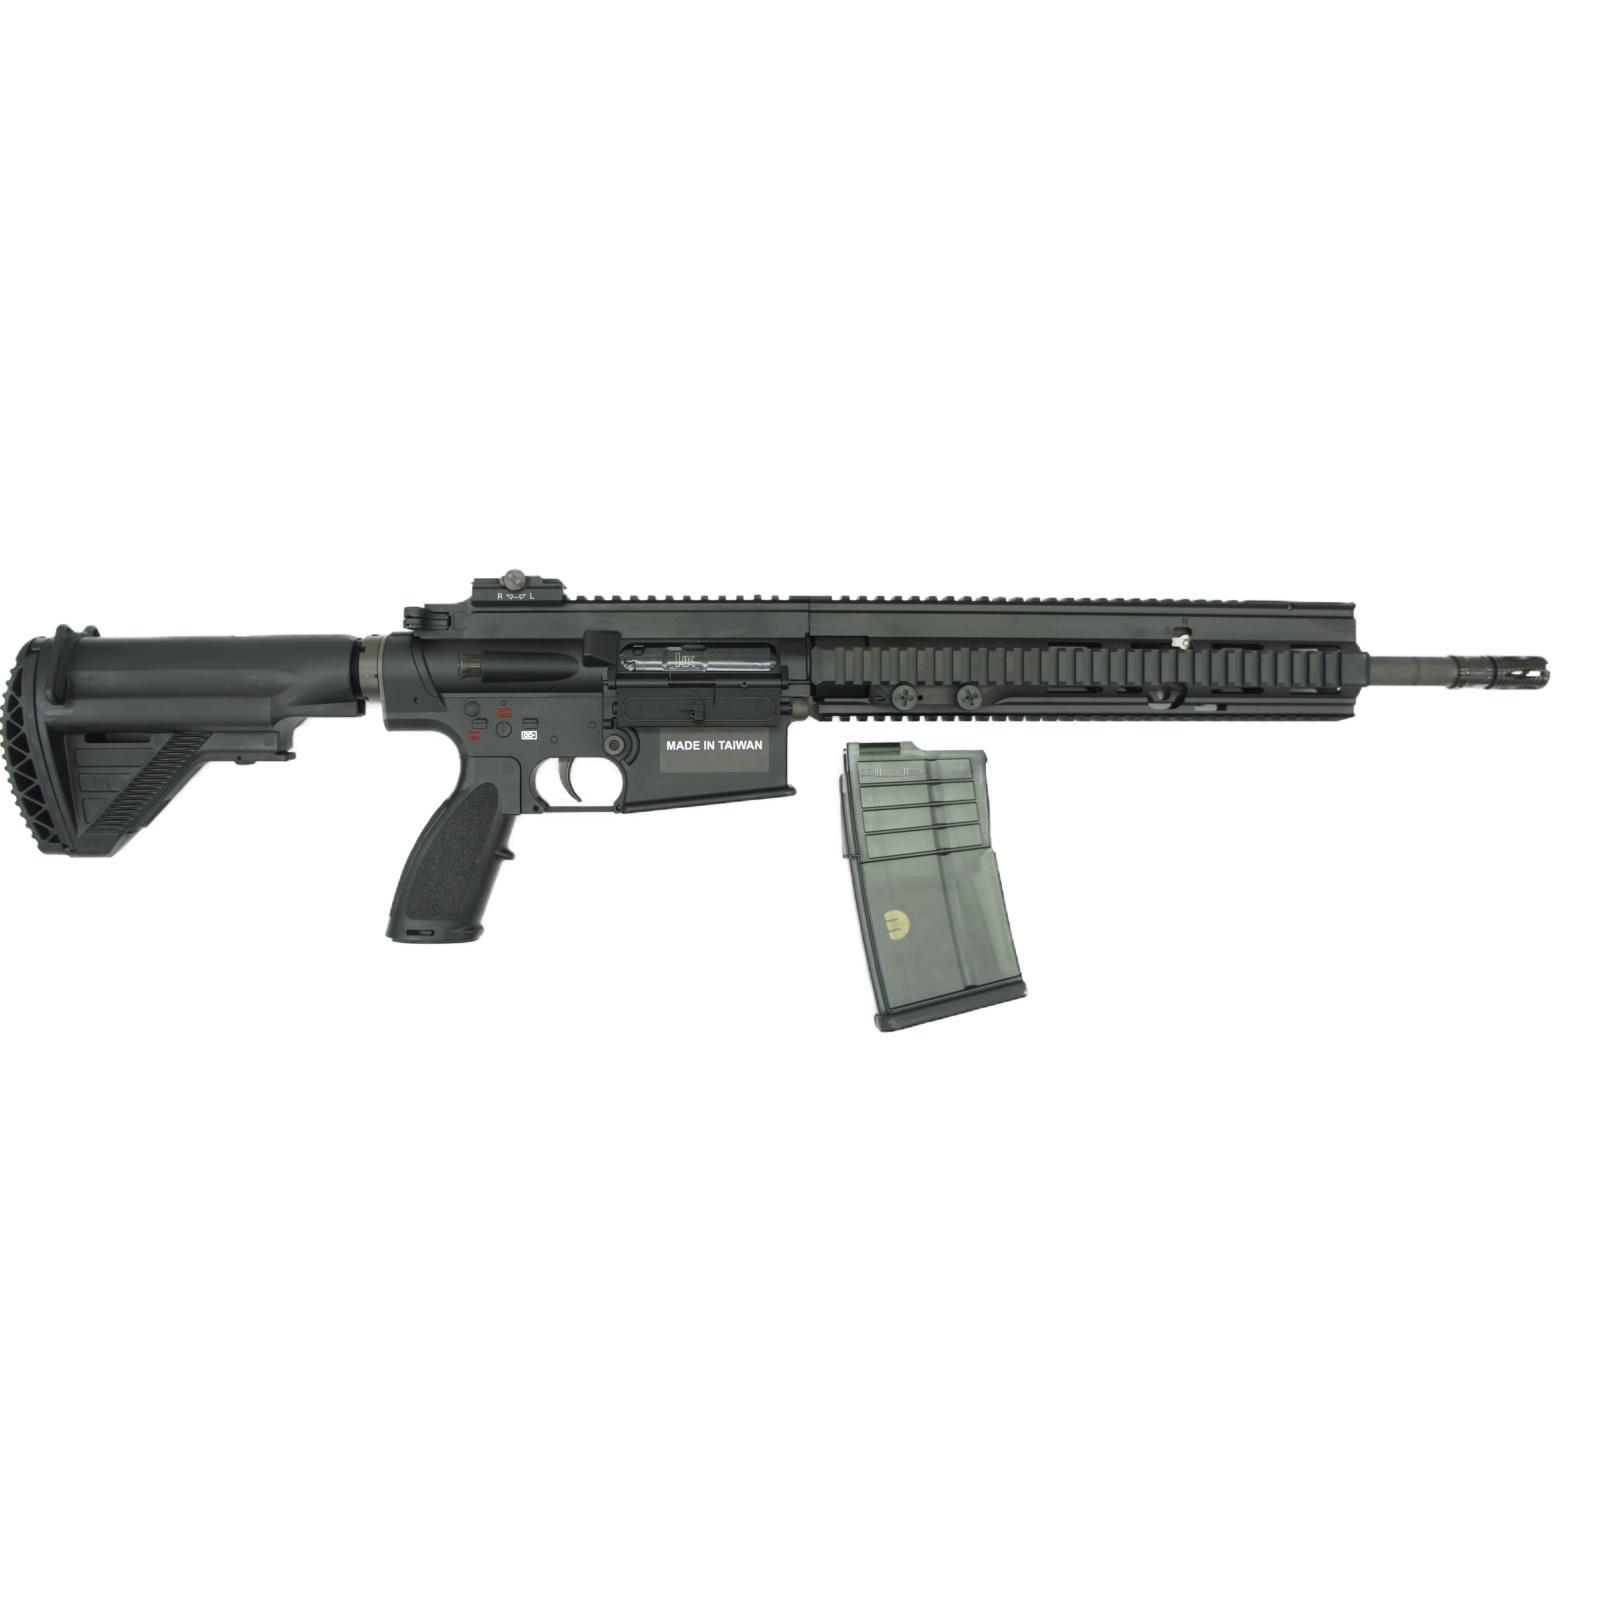 VFC/Umarex 電動ガン HK417 16in Recon HK Licensed *日本仕様/H&Kライセンス品 【品番:VF1-LHK417-BK03】